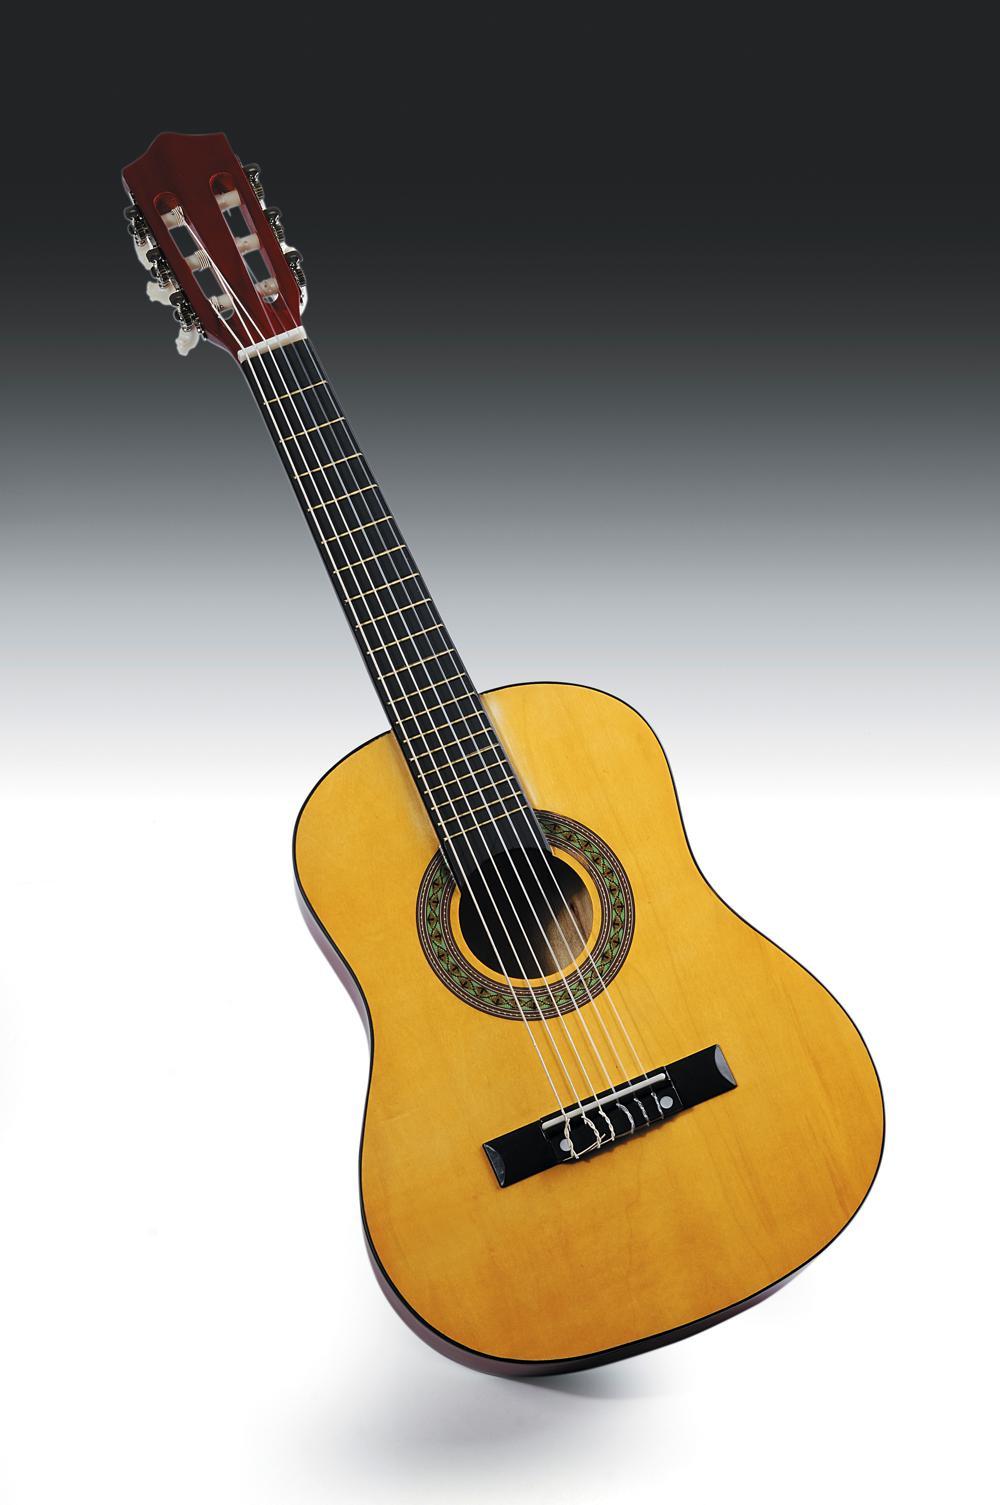 guitare pour enfant 76cm club jouet achat de jeux et jouets prix club. Black Bedroom Furniture Sets. Home Design Ideas